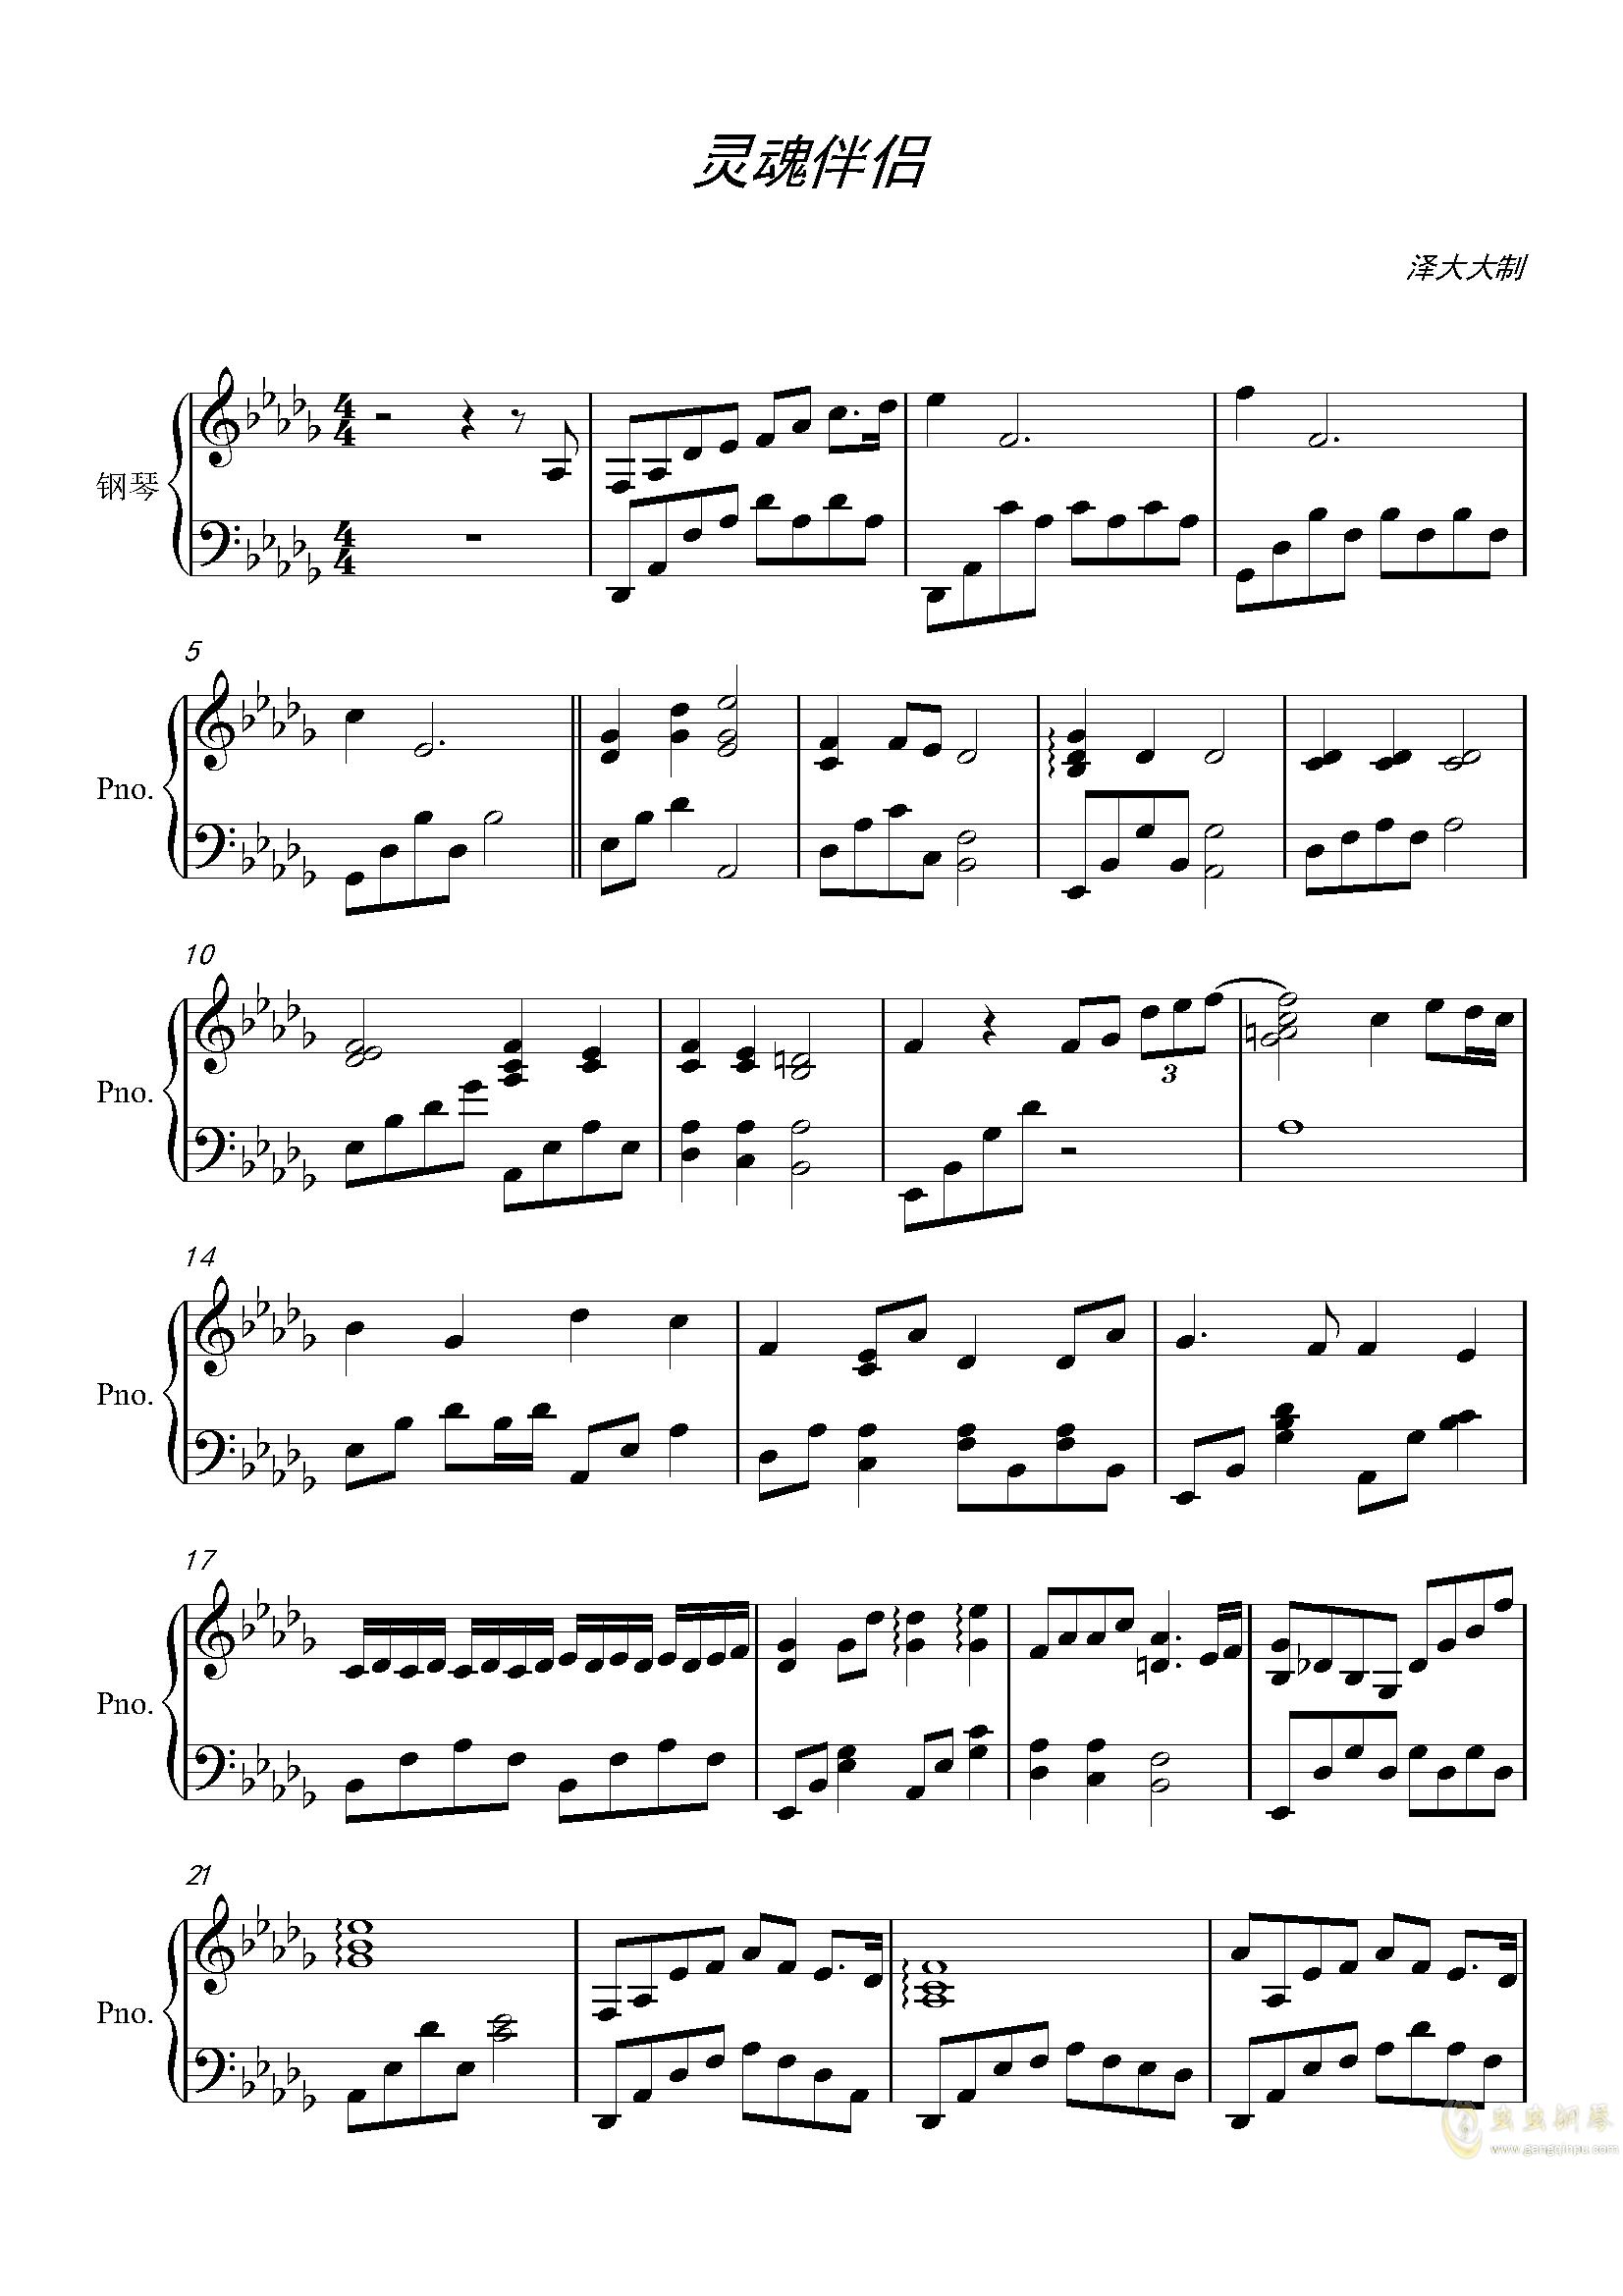 灵魂伴侣ag88环亚娱乐谱 第1页